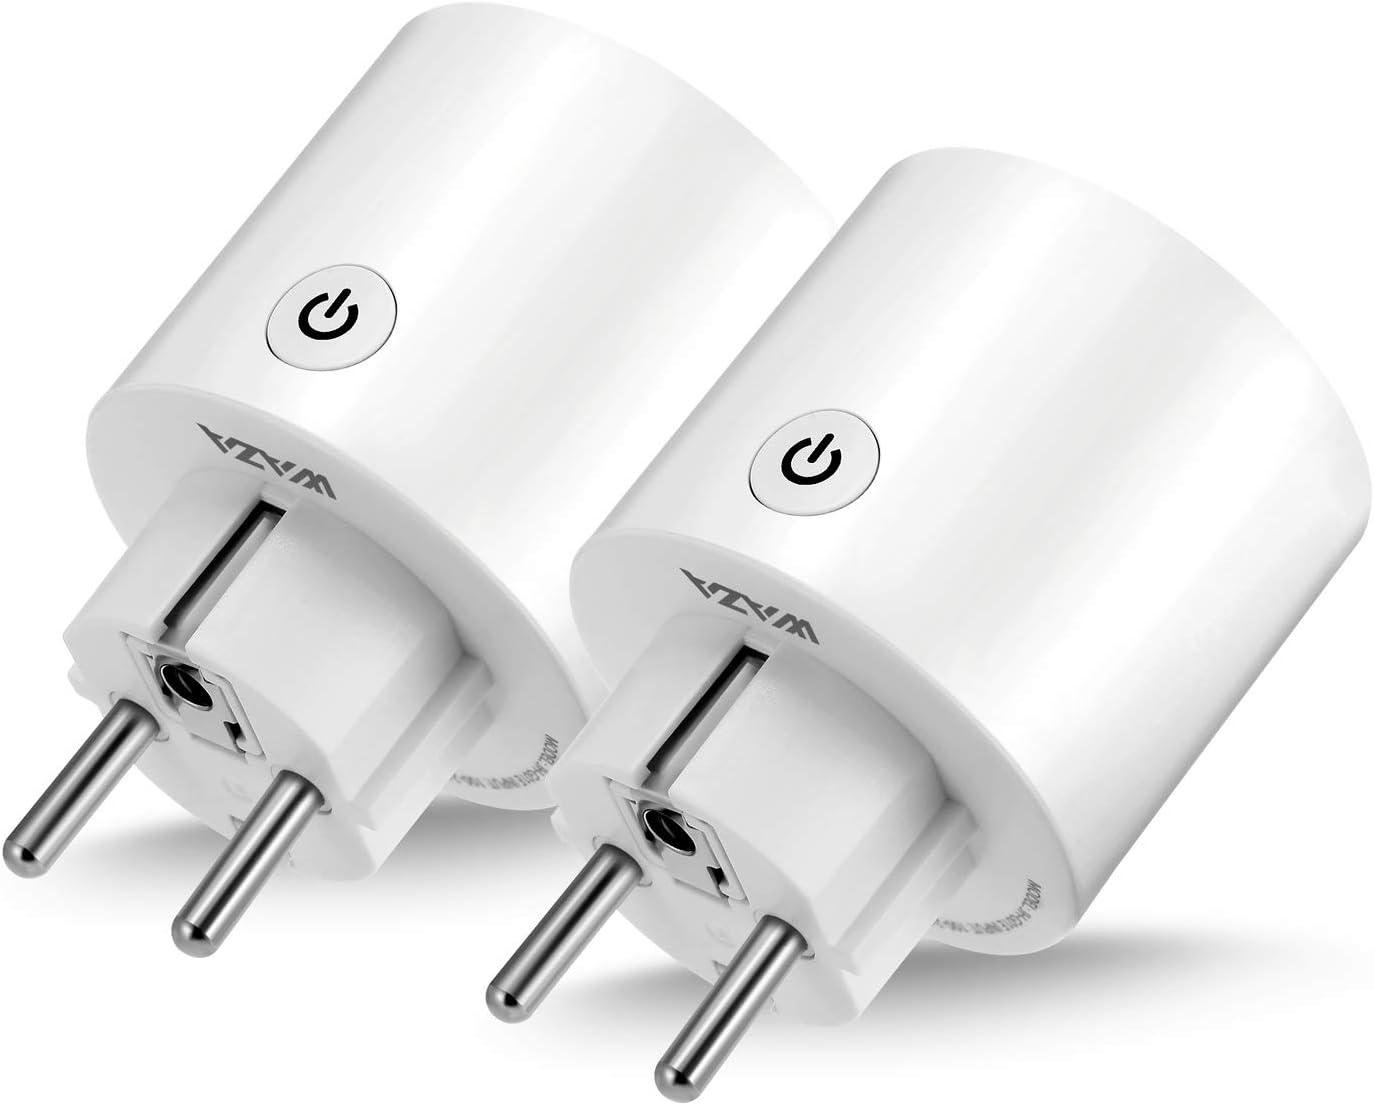 Contr/ôle Vocal pour appareils m/énagers EU Plug WAZA Connecteur Wi-FI Mini Smart Plug Compatible avec Alexa et Google Assistant